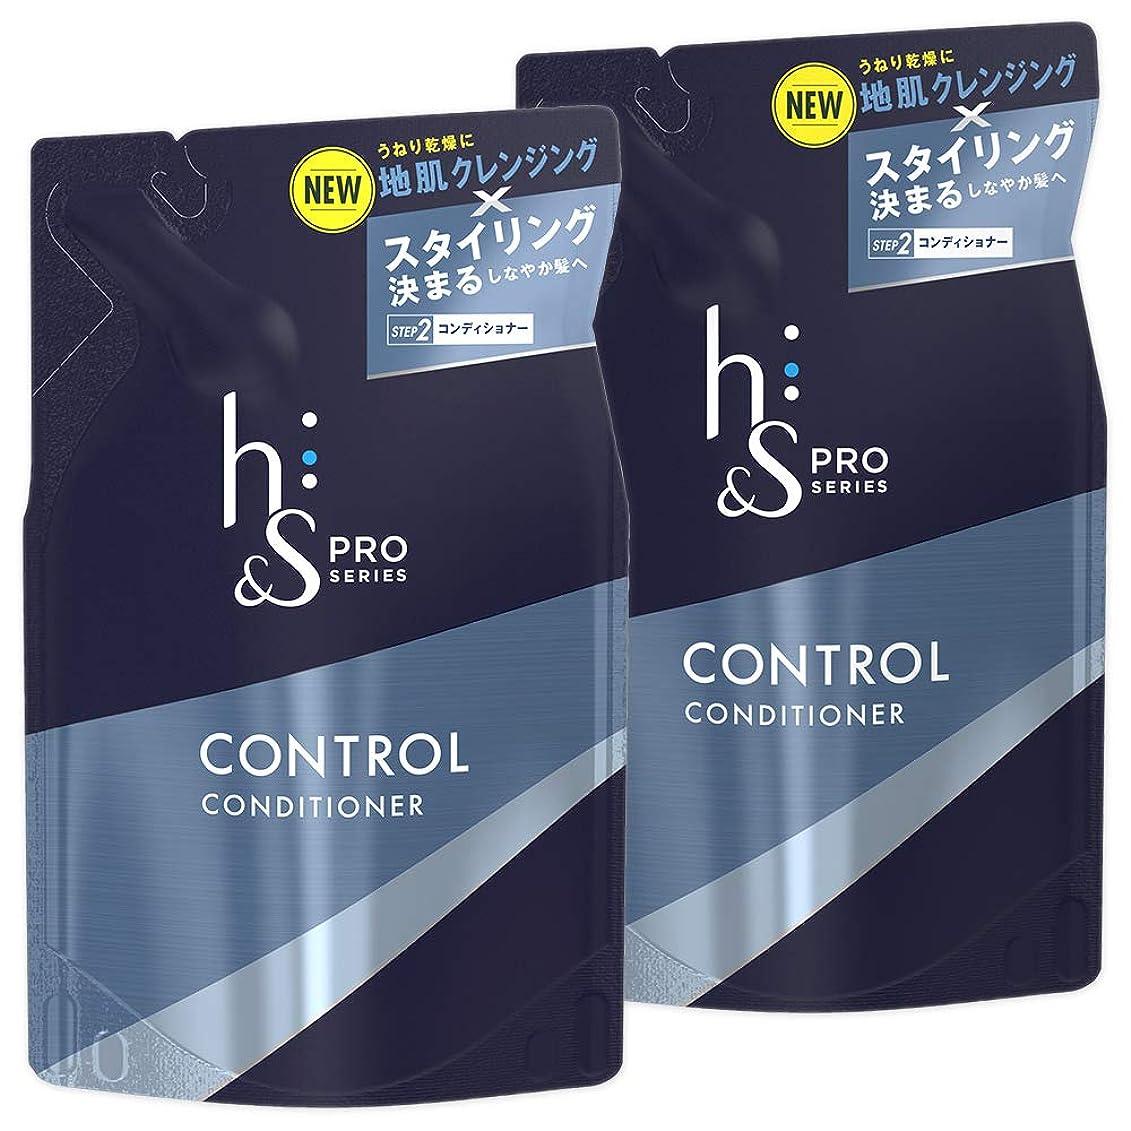 面倒スペア靄【まとめ買い】 h&s for men コンディショナー PRO Series コントロール 詰め替え 300g×2個